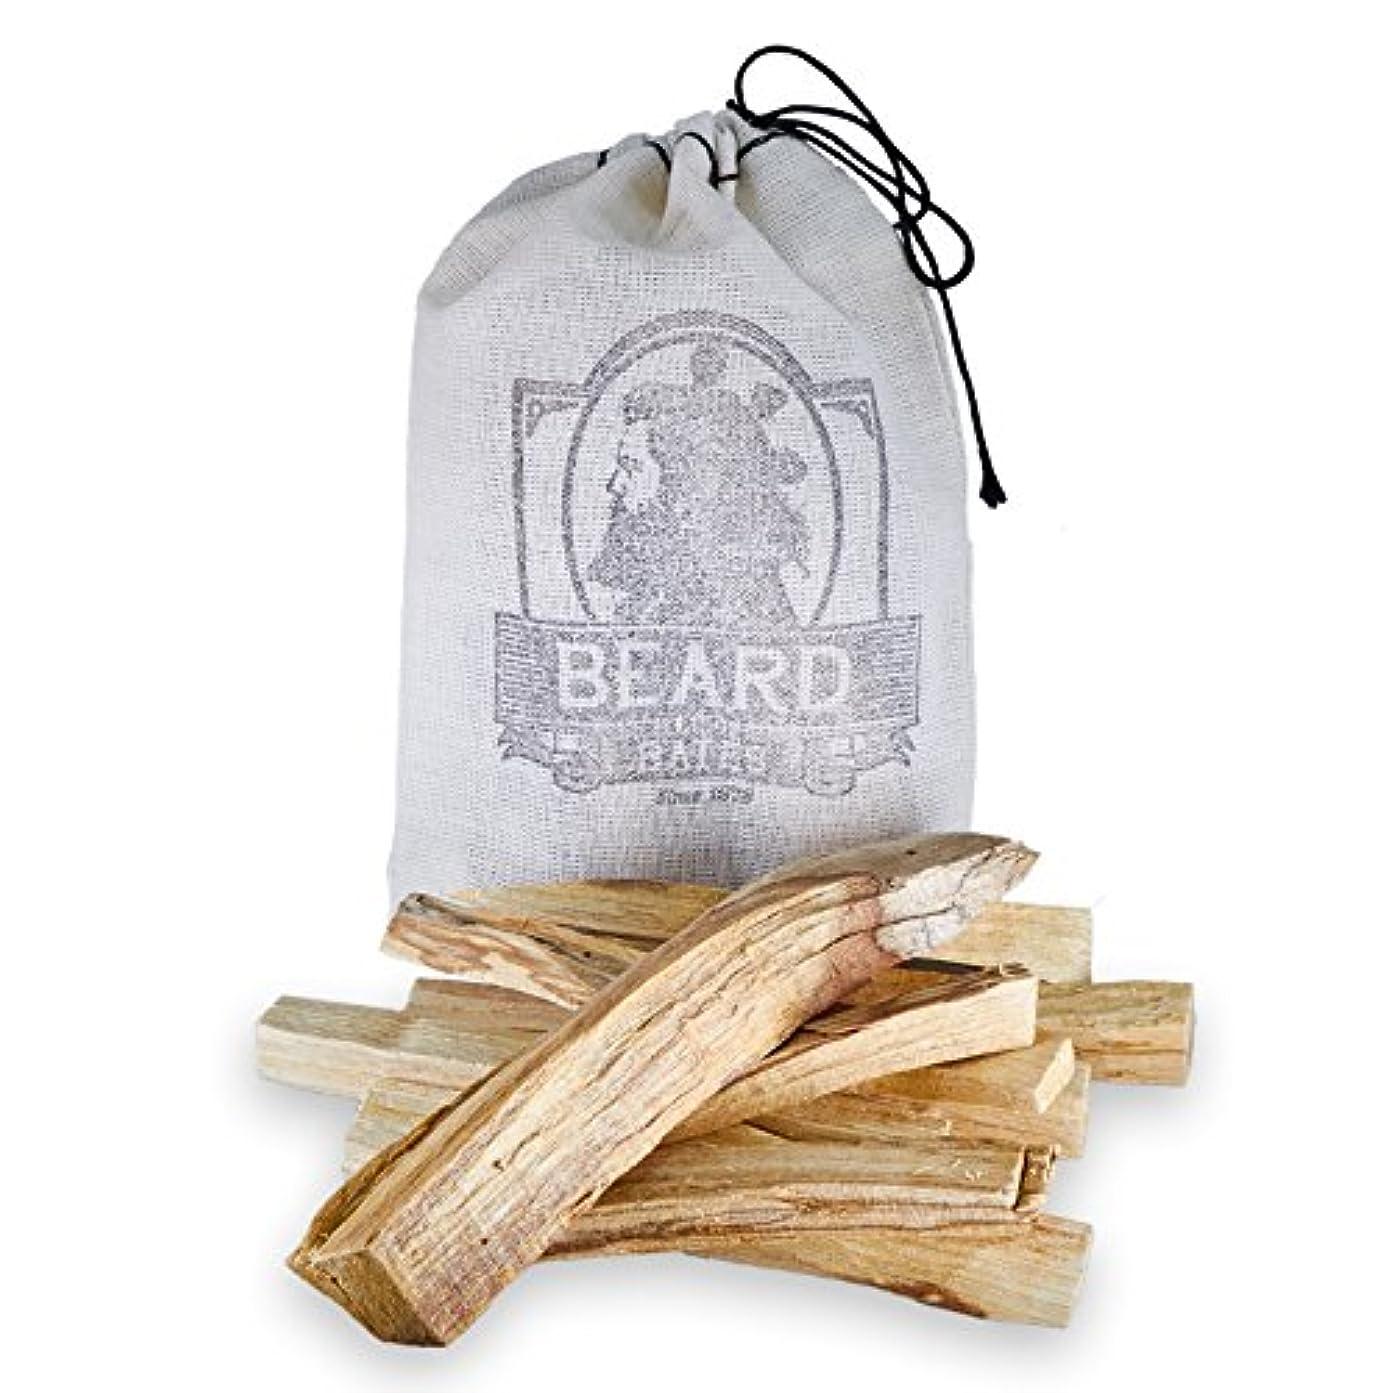 和解する知覚できる転用Beard & Bates | Palo Santo – Extra Large、Handcut、Sustainably Wild Harvested Incense Sticks for瞑想、クレンジング、Stress...